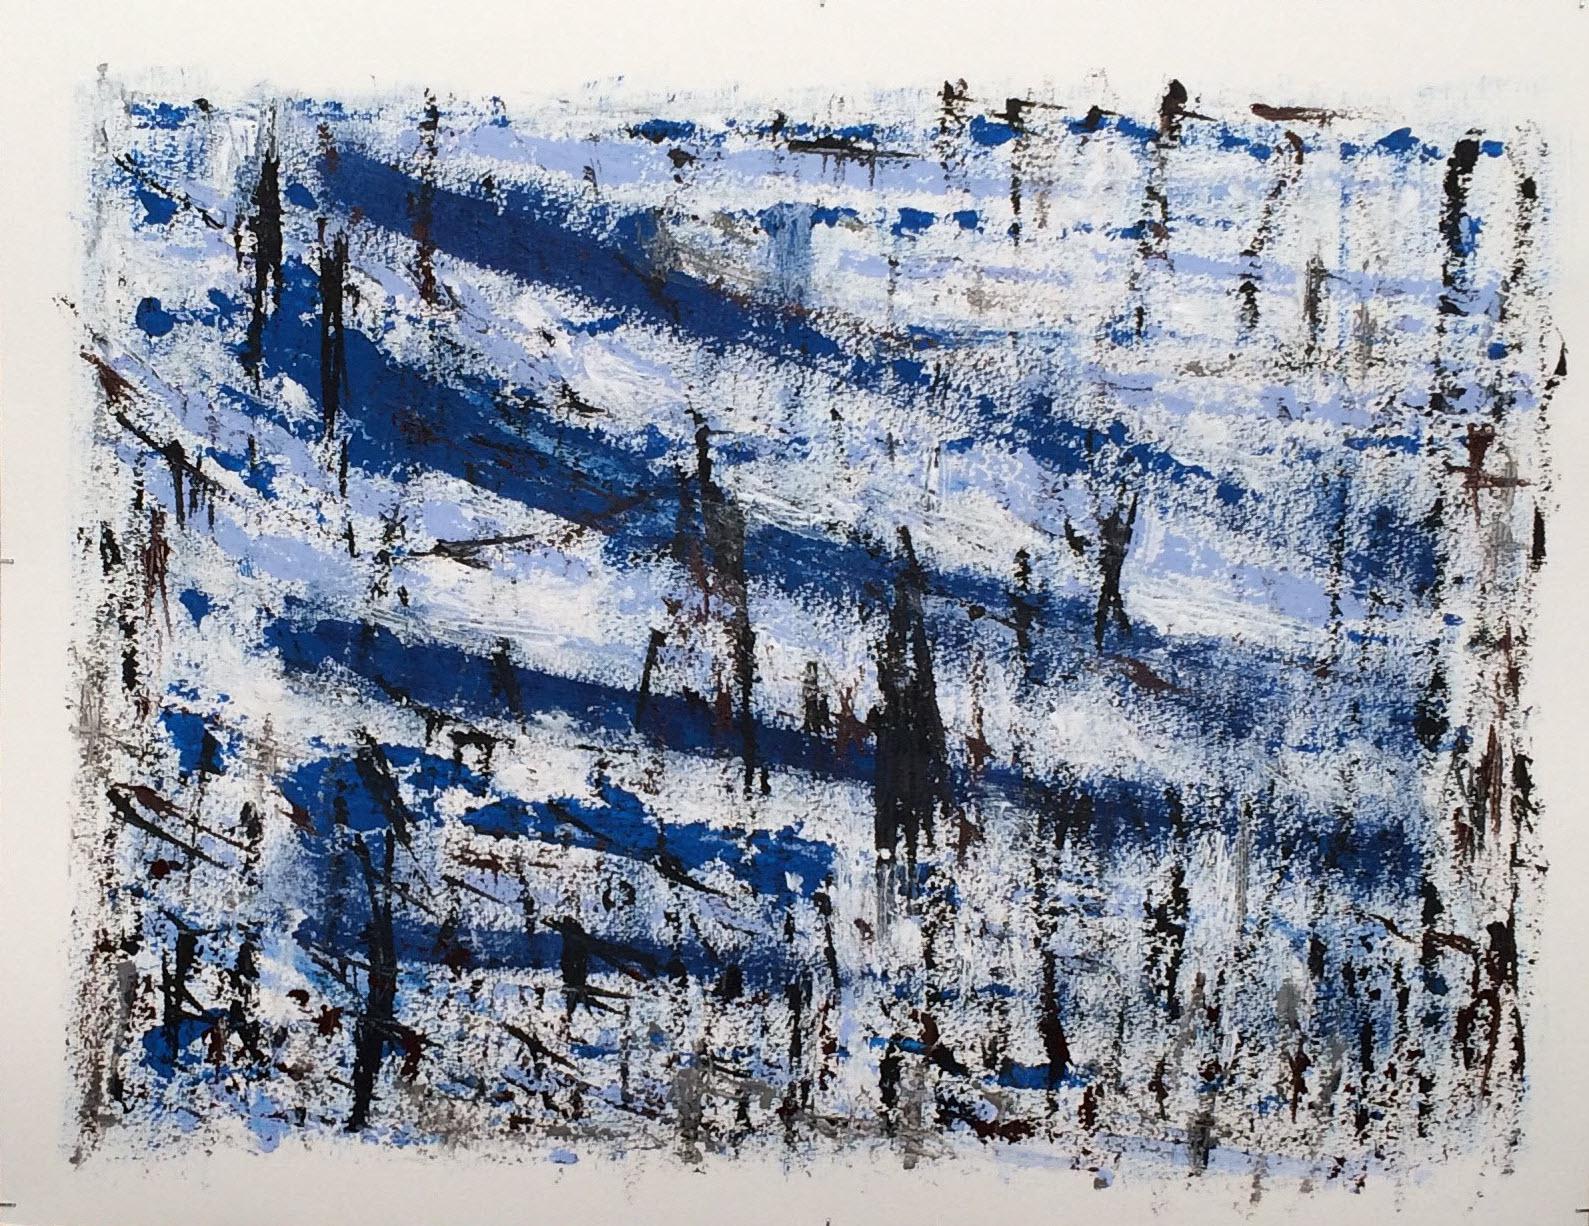 N°2410 - Roseaux - Acrylique sur papier - 50 x 65 cm - 6 avril 2016